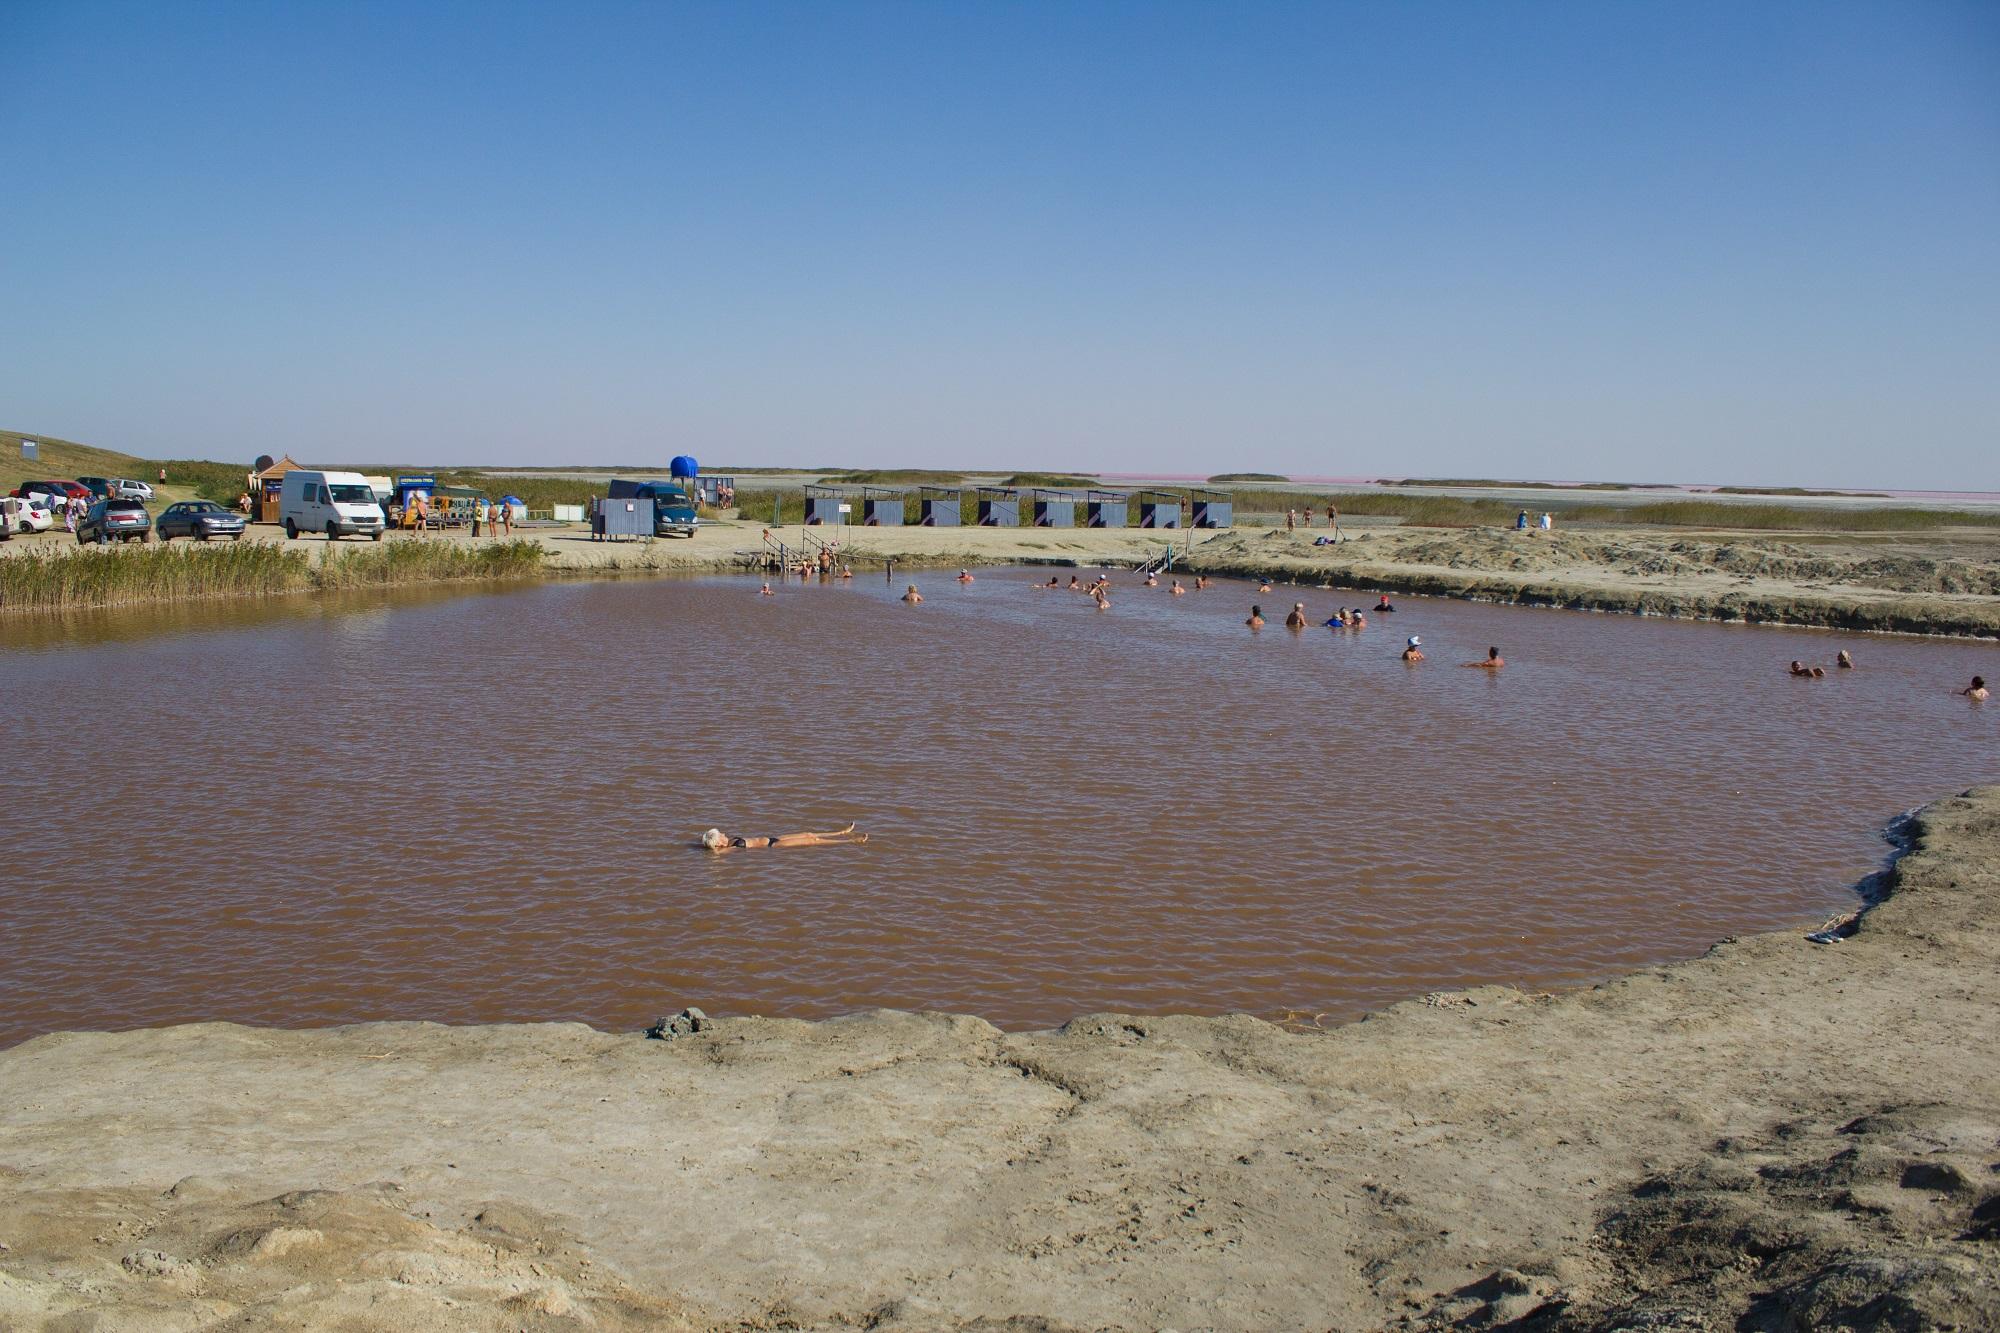 Как увеличить бюджет громады в 8 раз, имея только грязь и озеро. Пример Присивашья